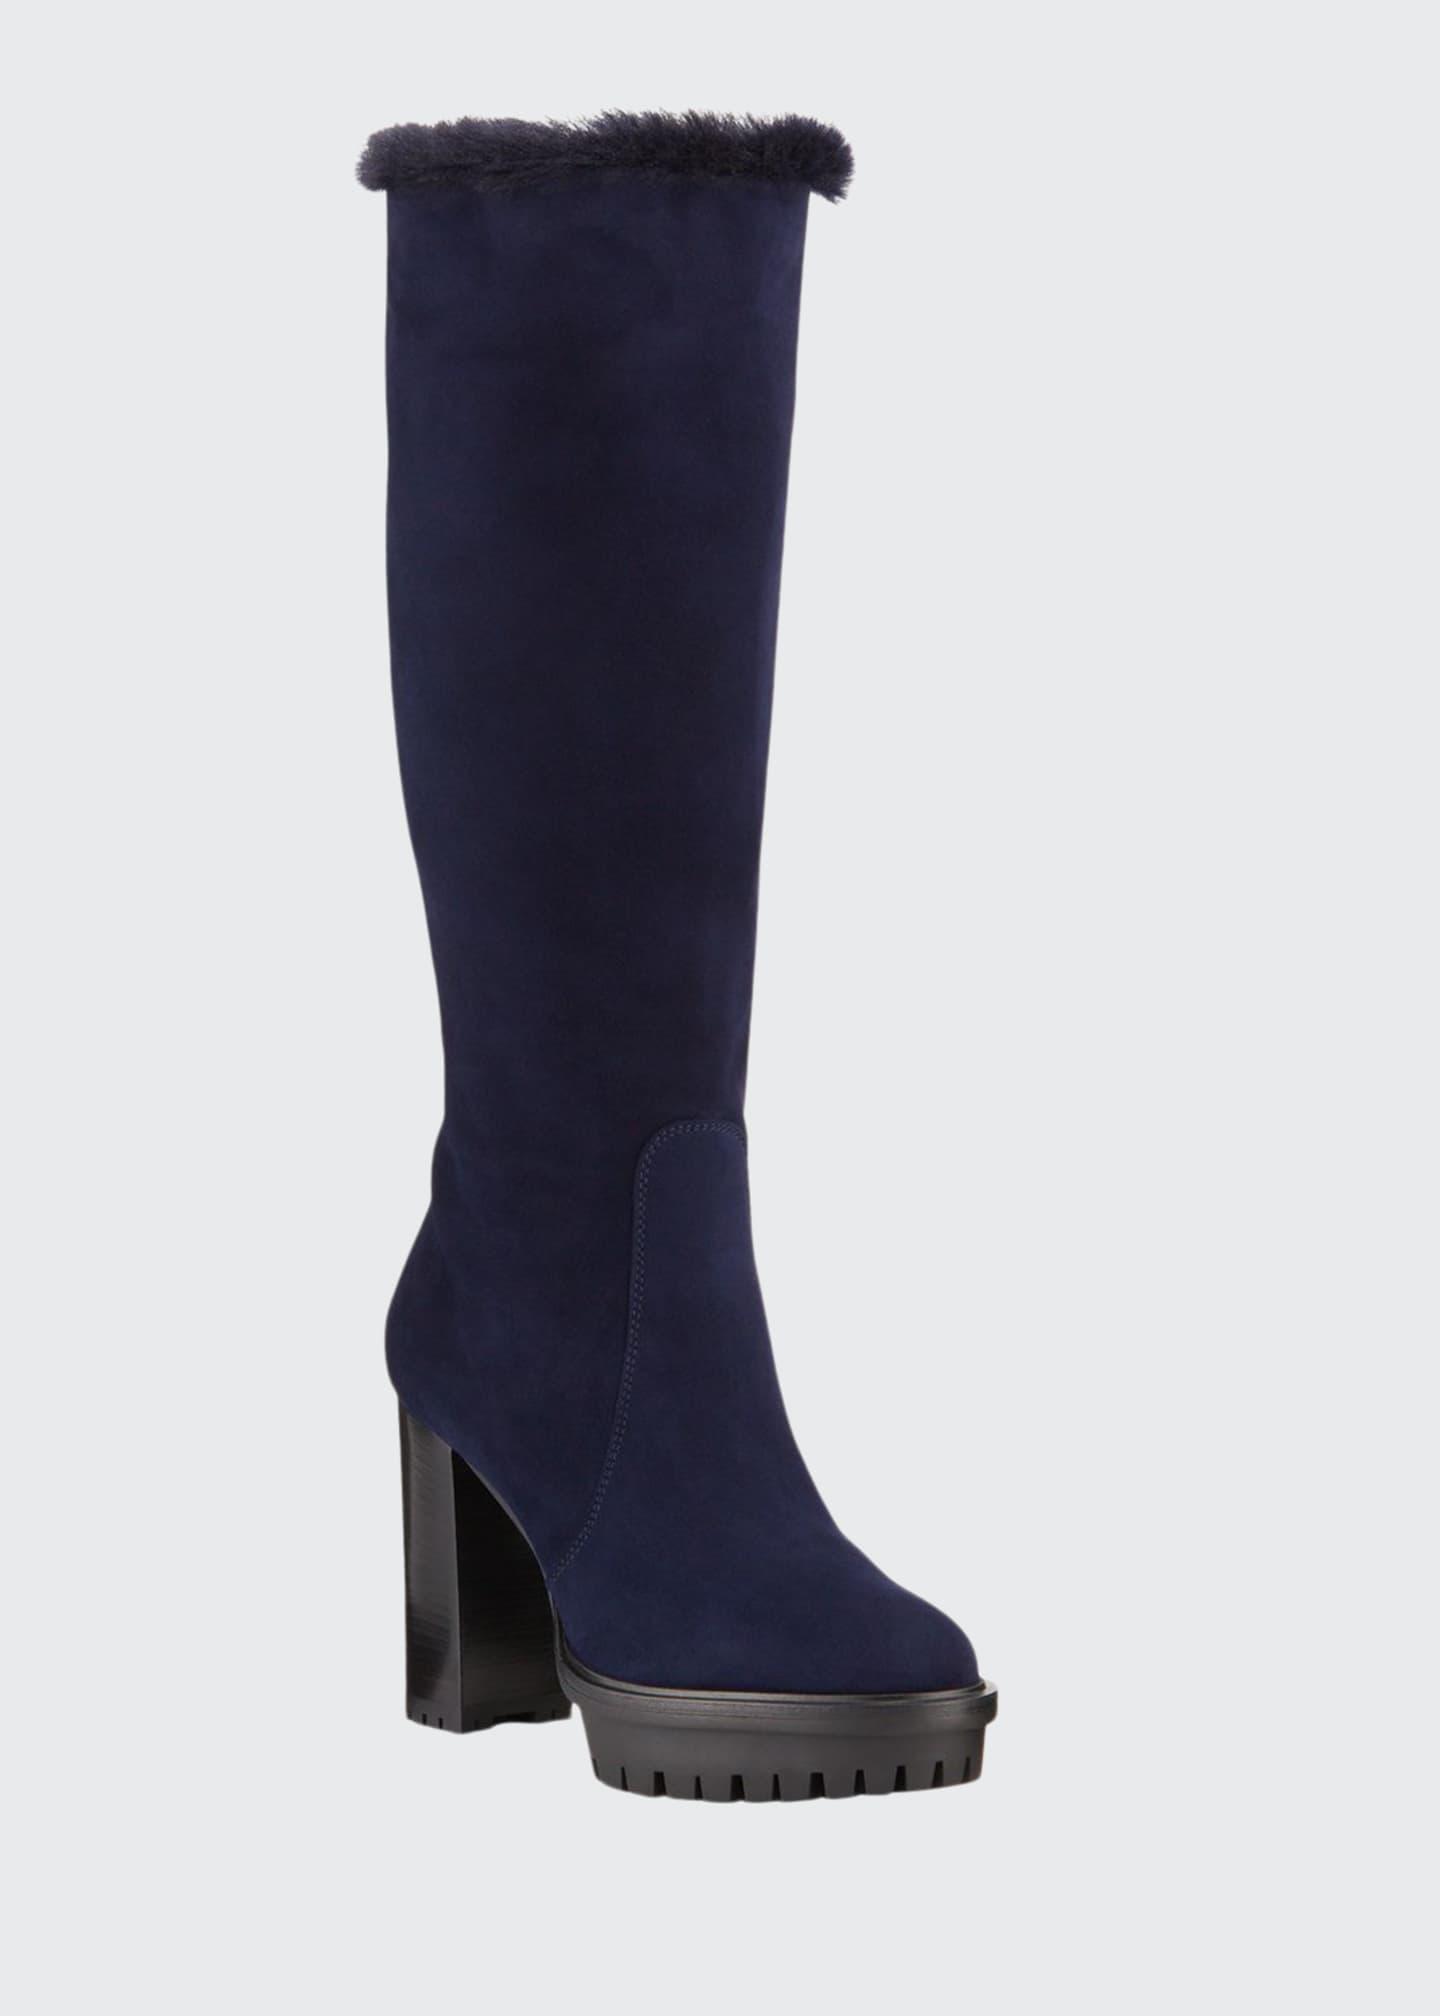 Gianvito Rossi Suede Block-Heel Lined Knee Boots